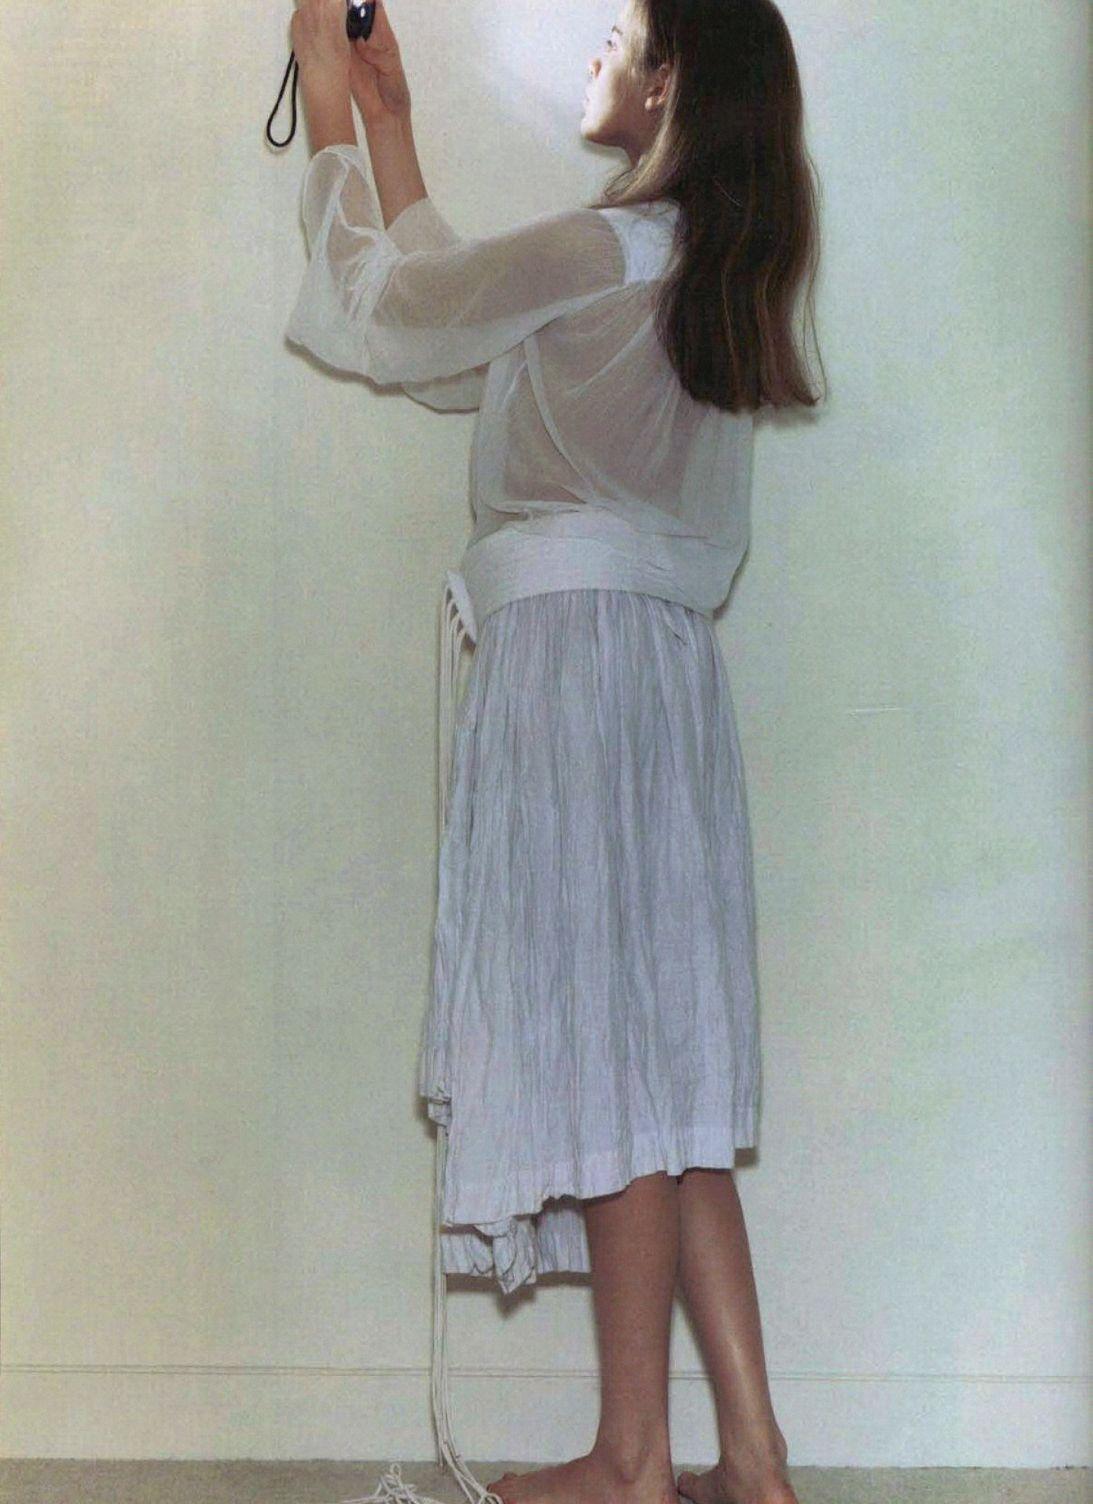 Balenciaga Spring 1999, photographed by Alexei Hay.